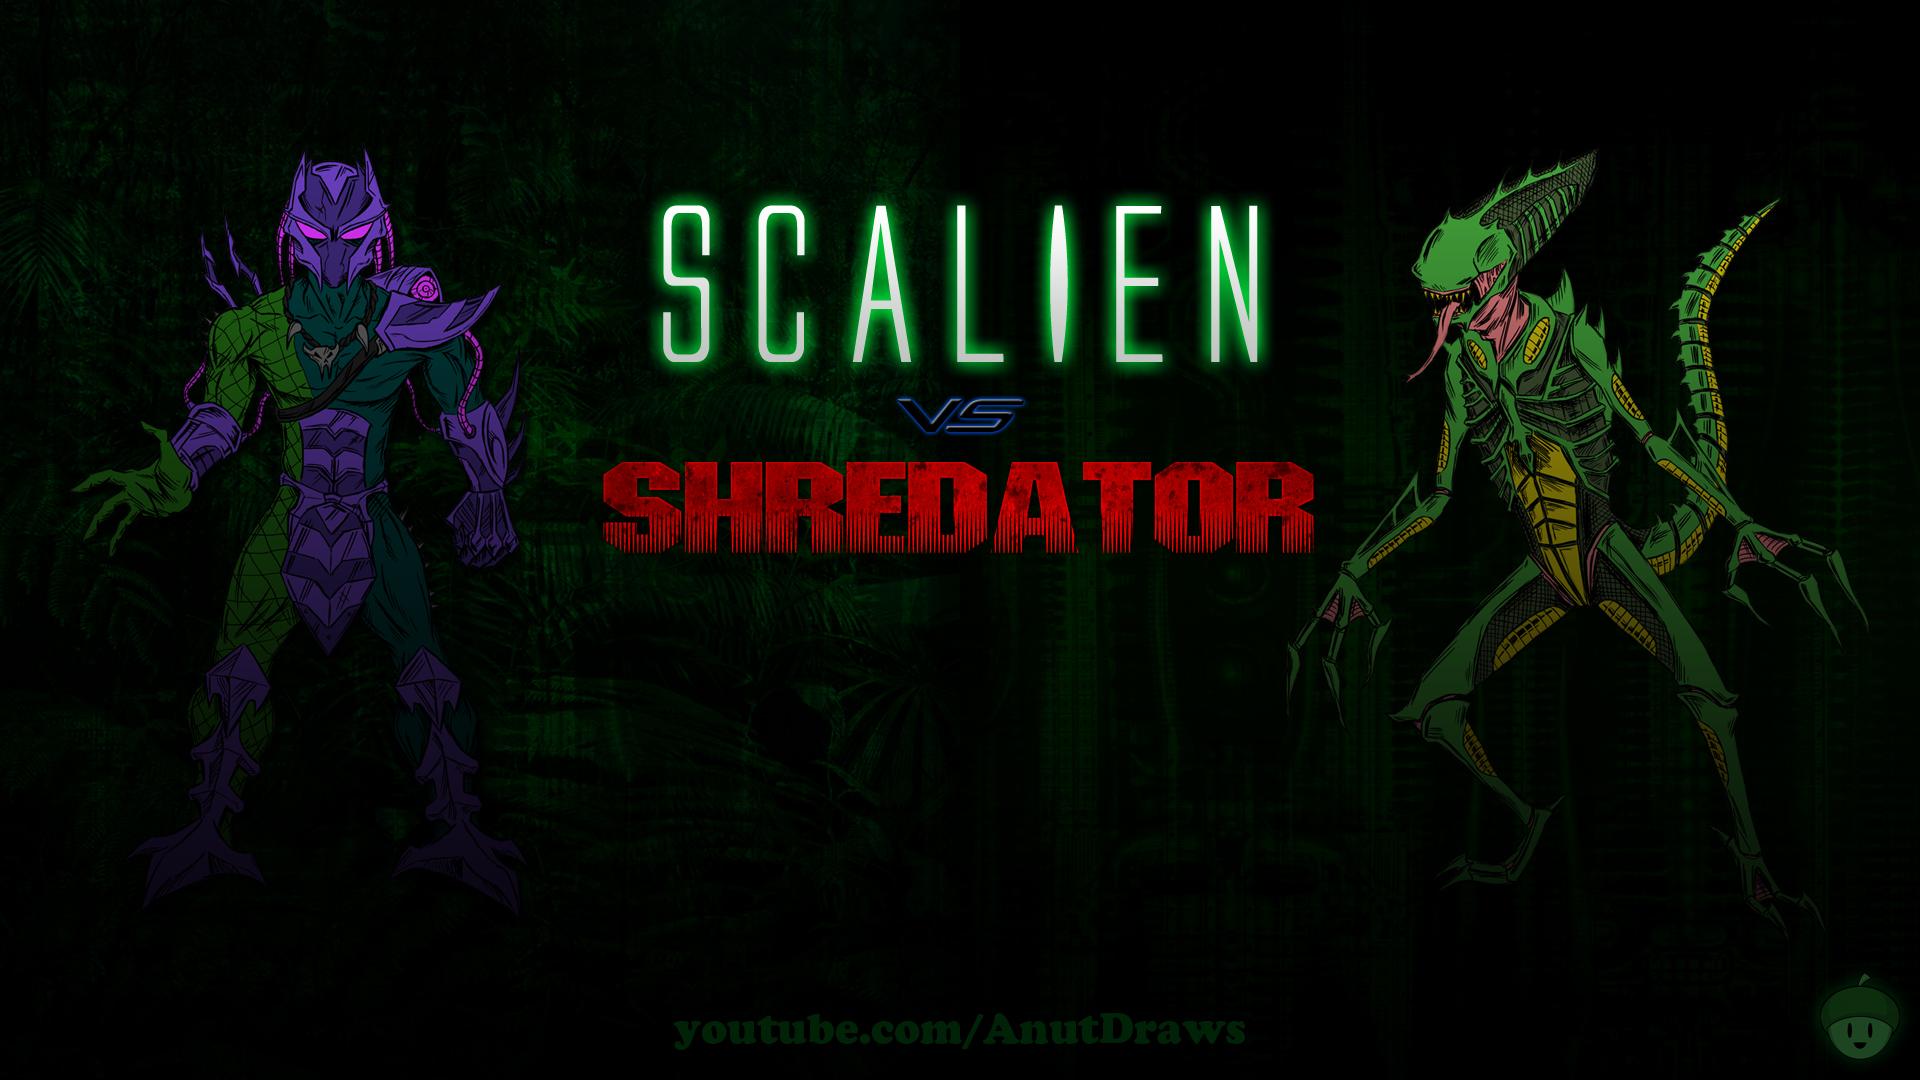 Scalien Vs. Shredator